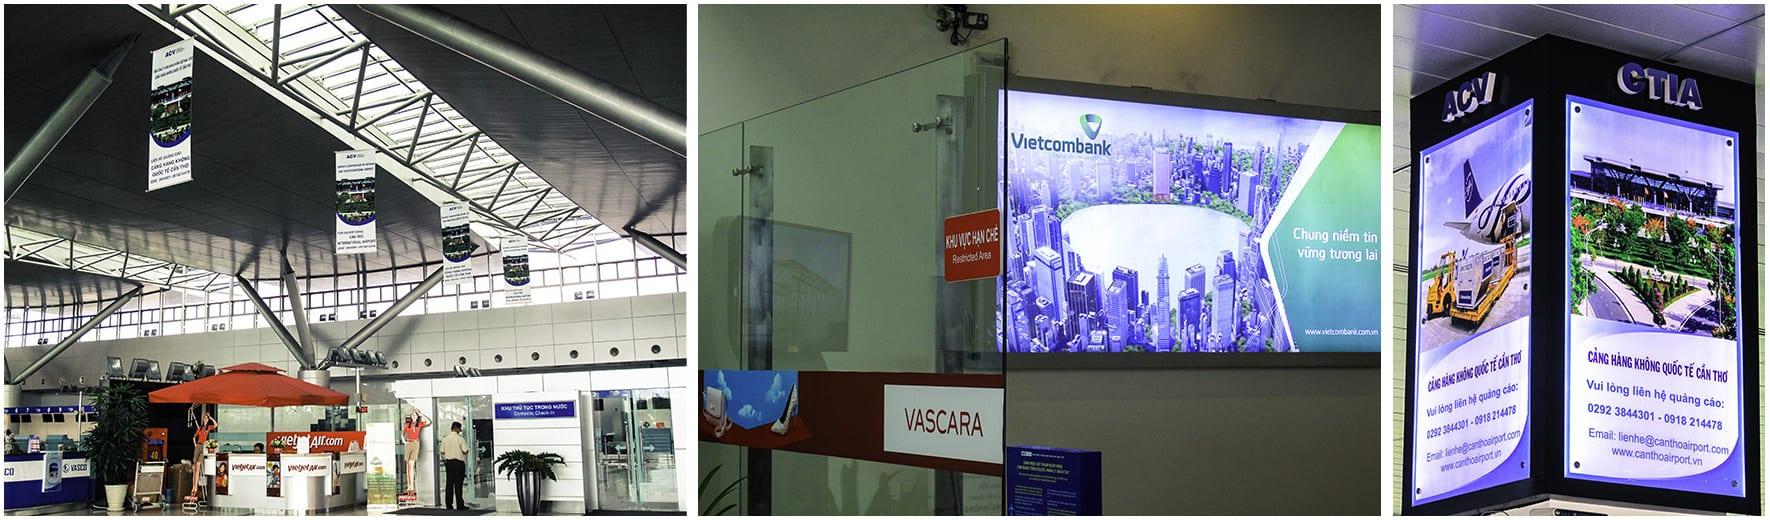 Dịch vụ khác tại sân bay Cần Thơ - hinh 5